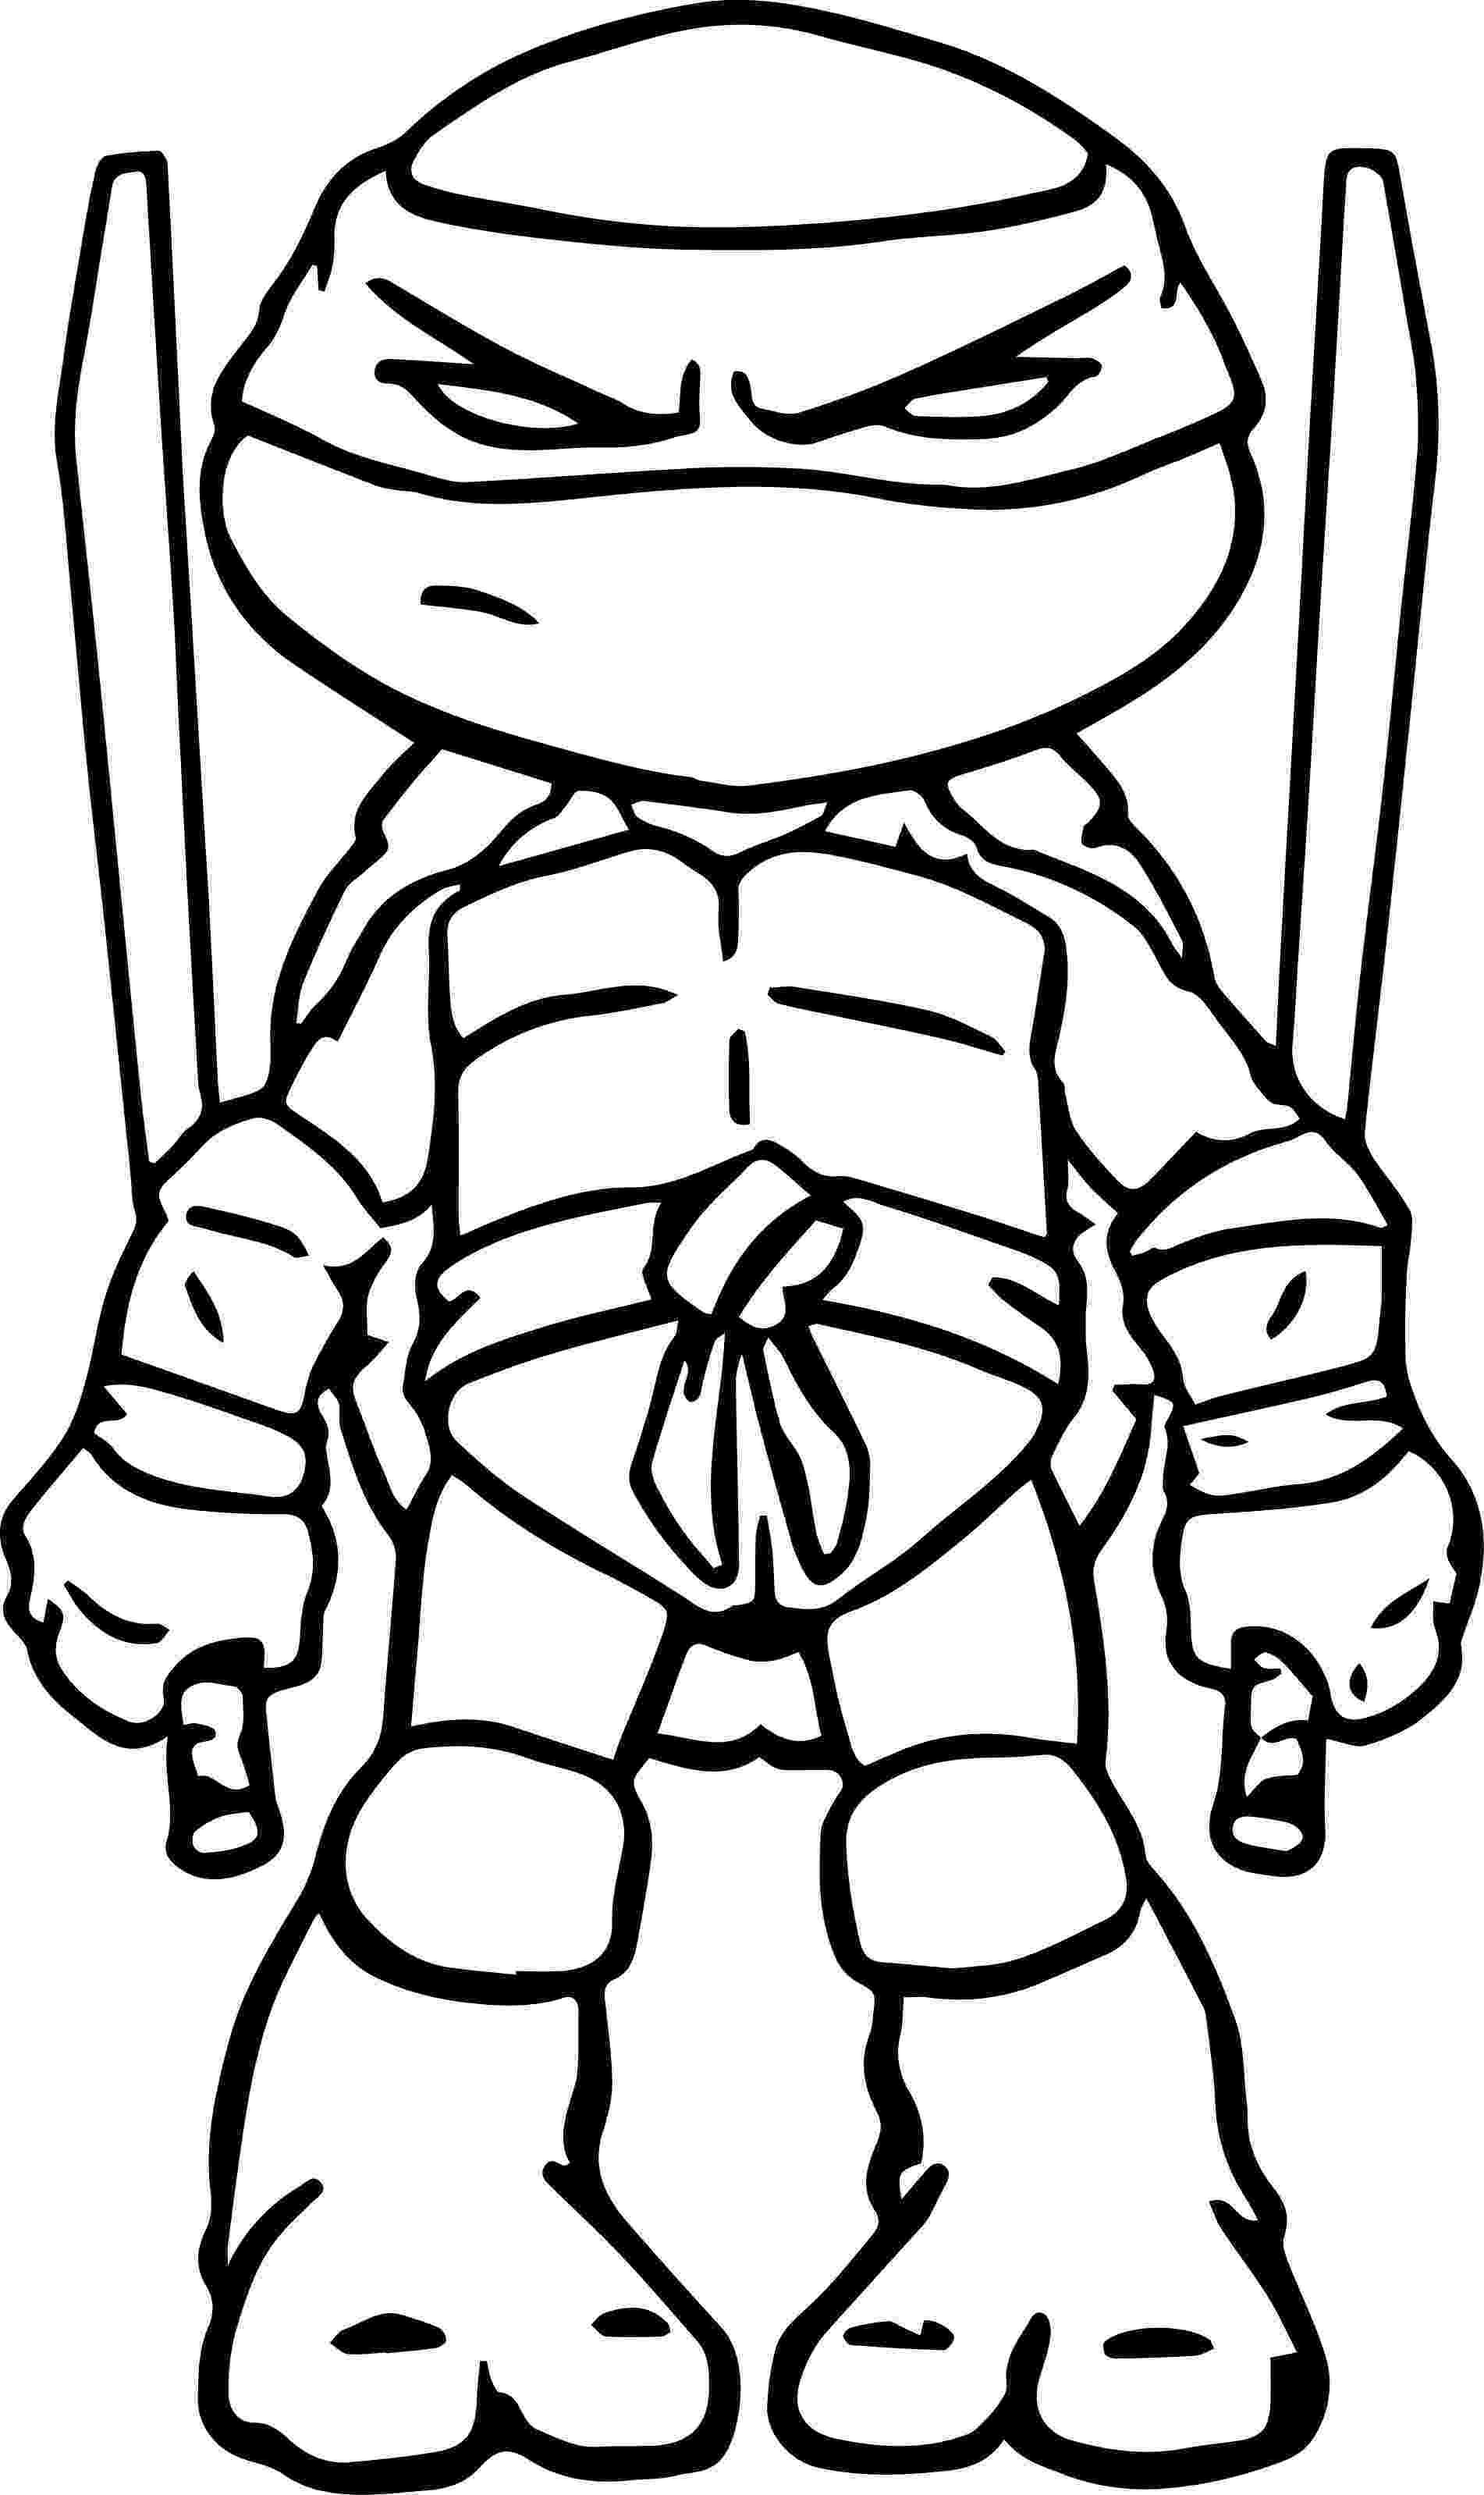 ninja turtle printables ninja turtles art coloring page ninja turtle coloring ninja turtle printables